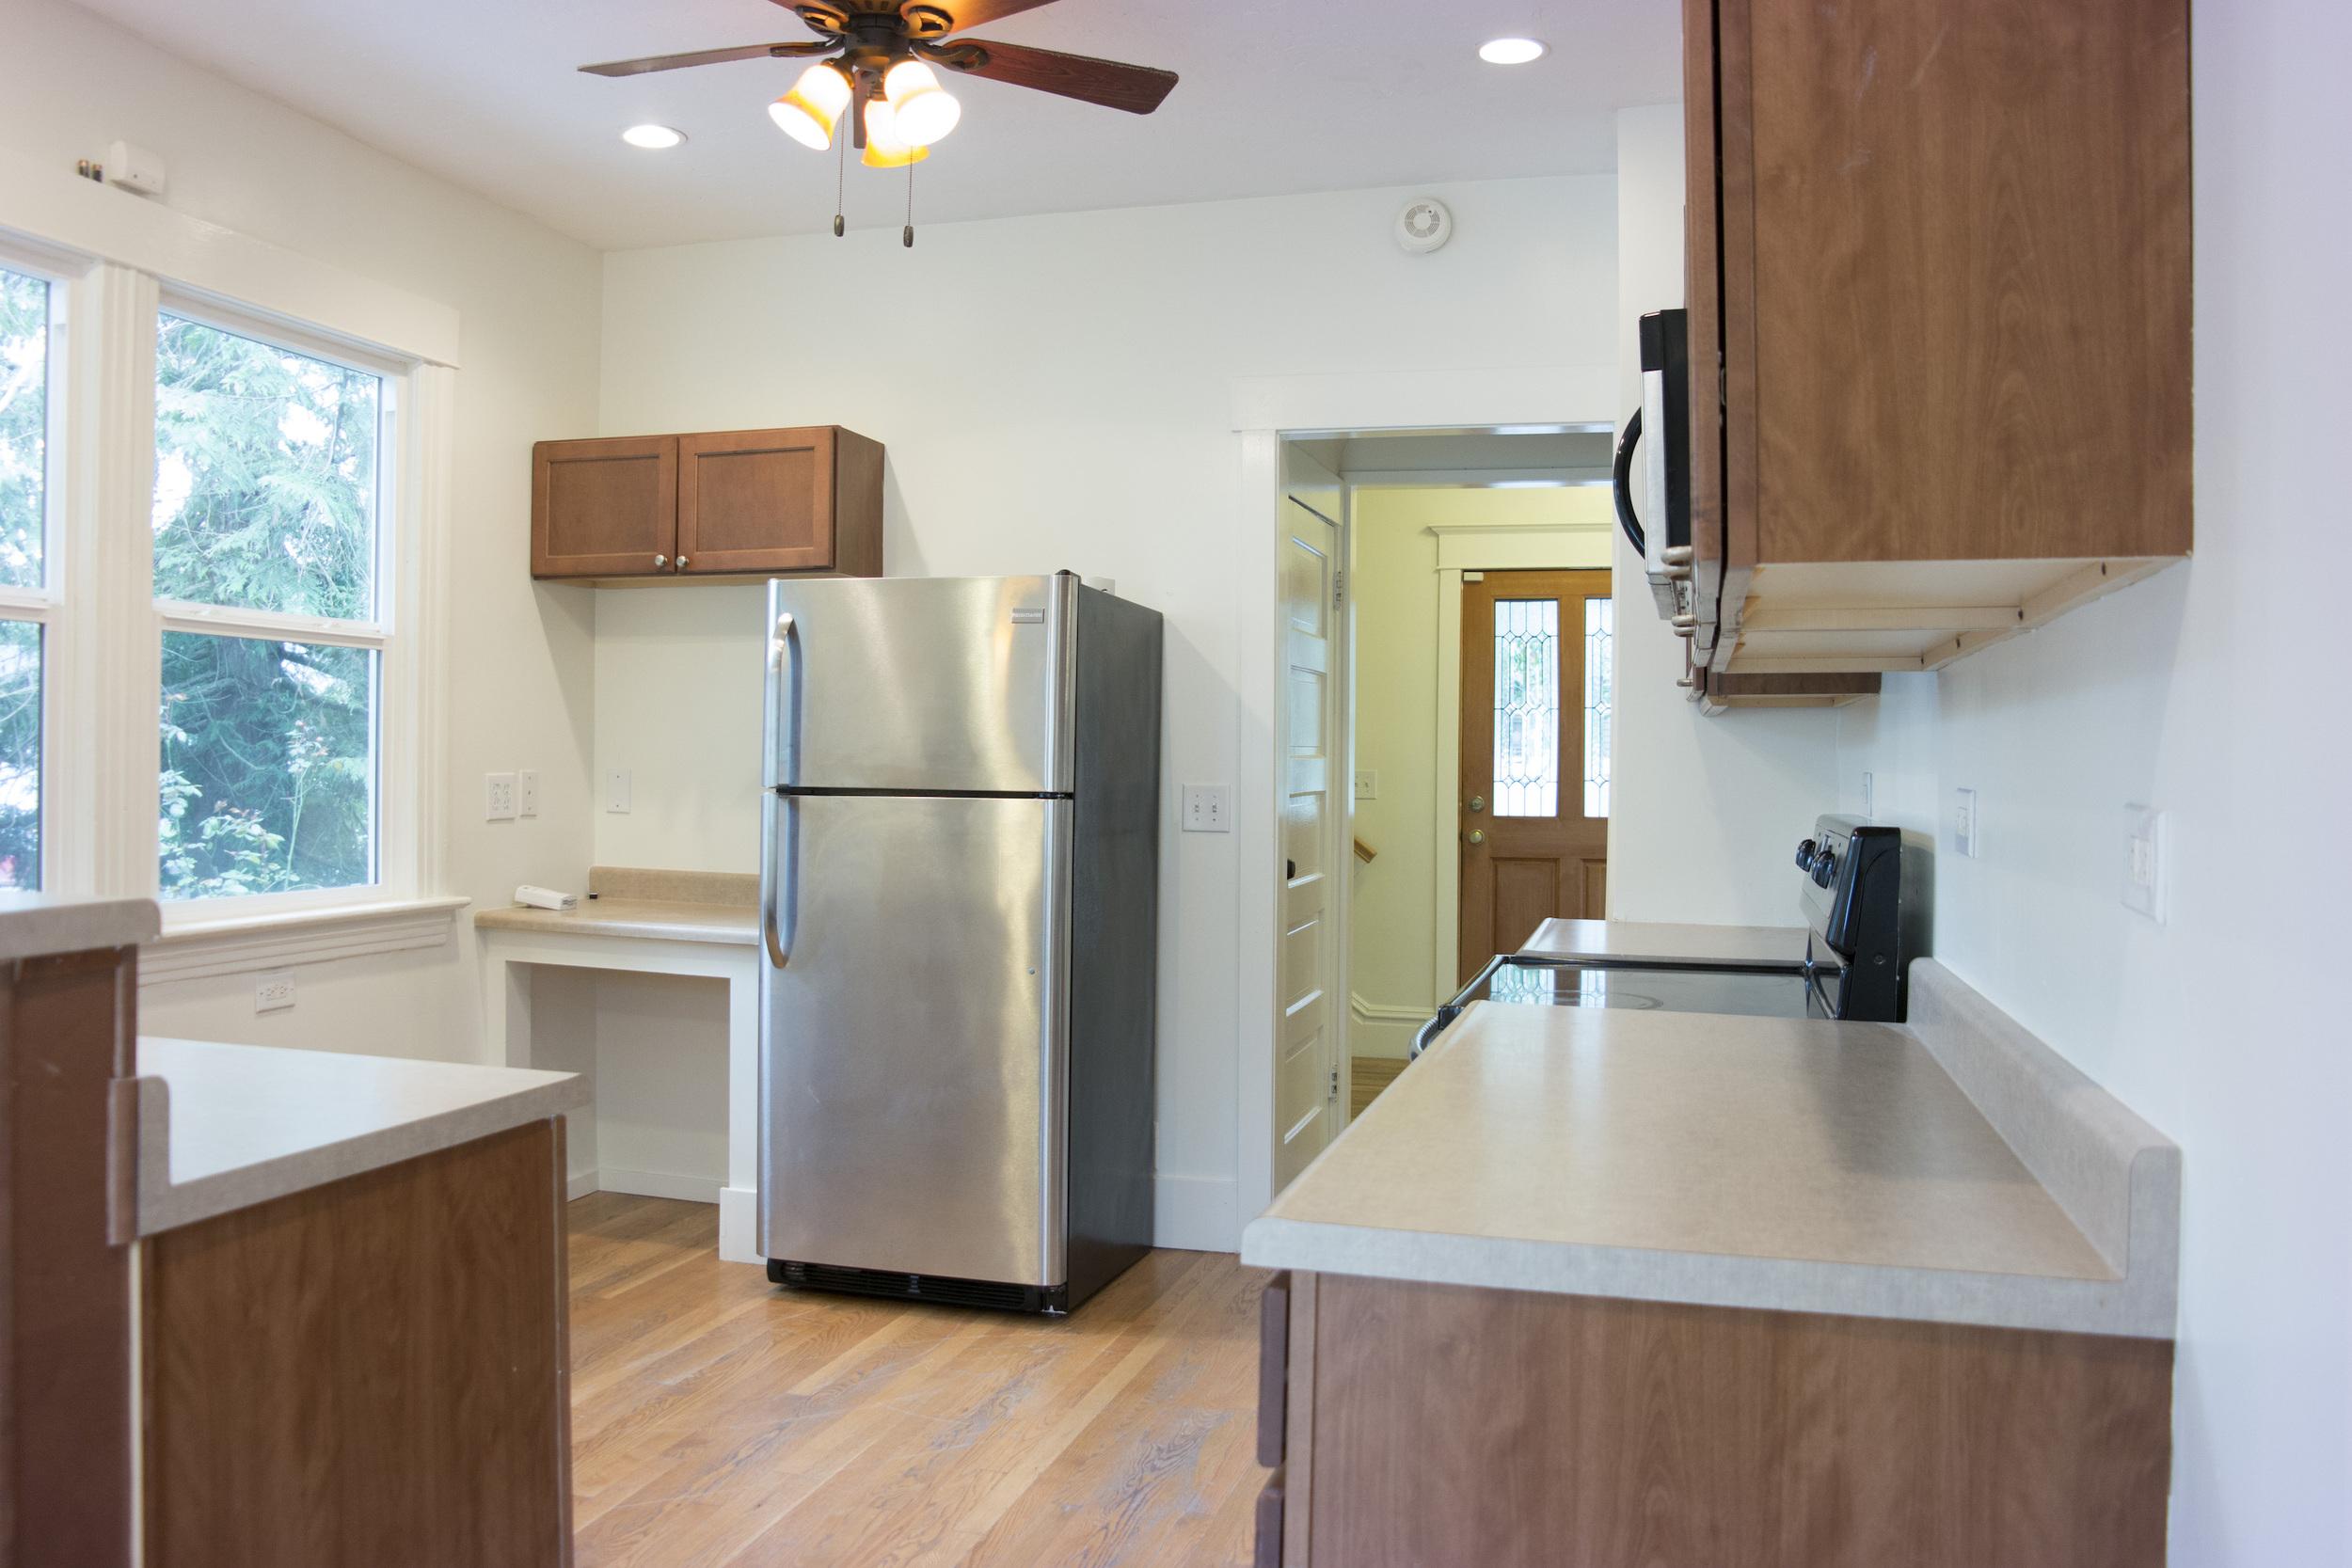 13-Kitchen5.jpg